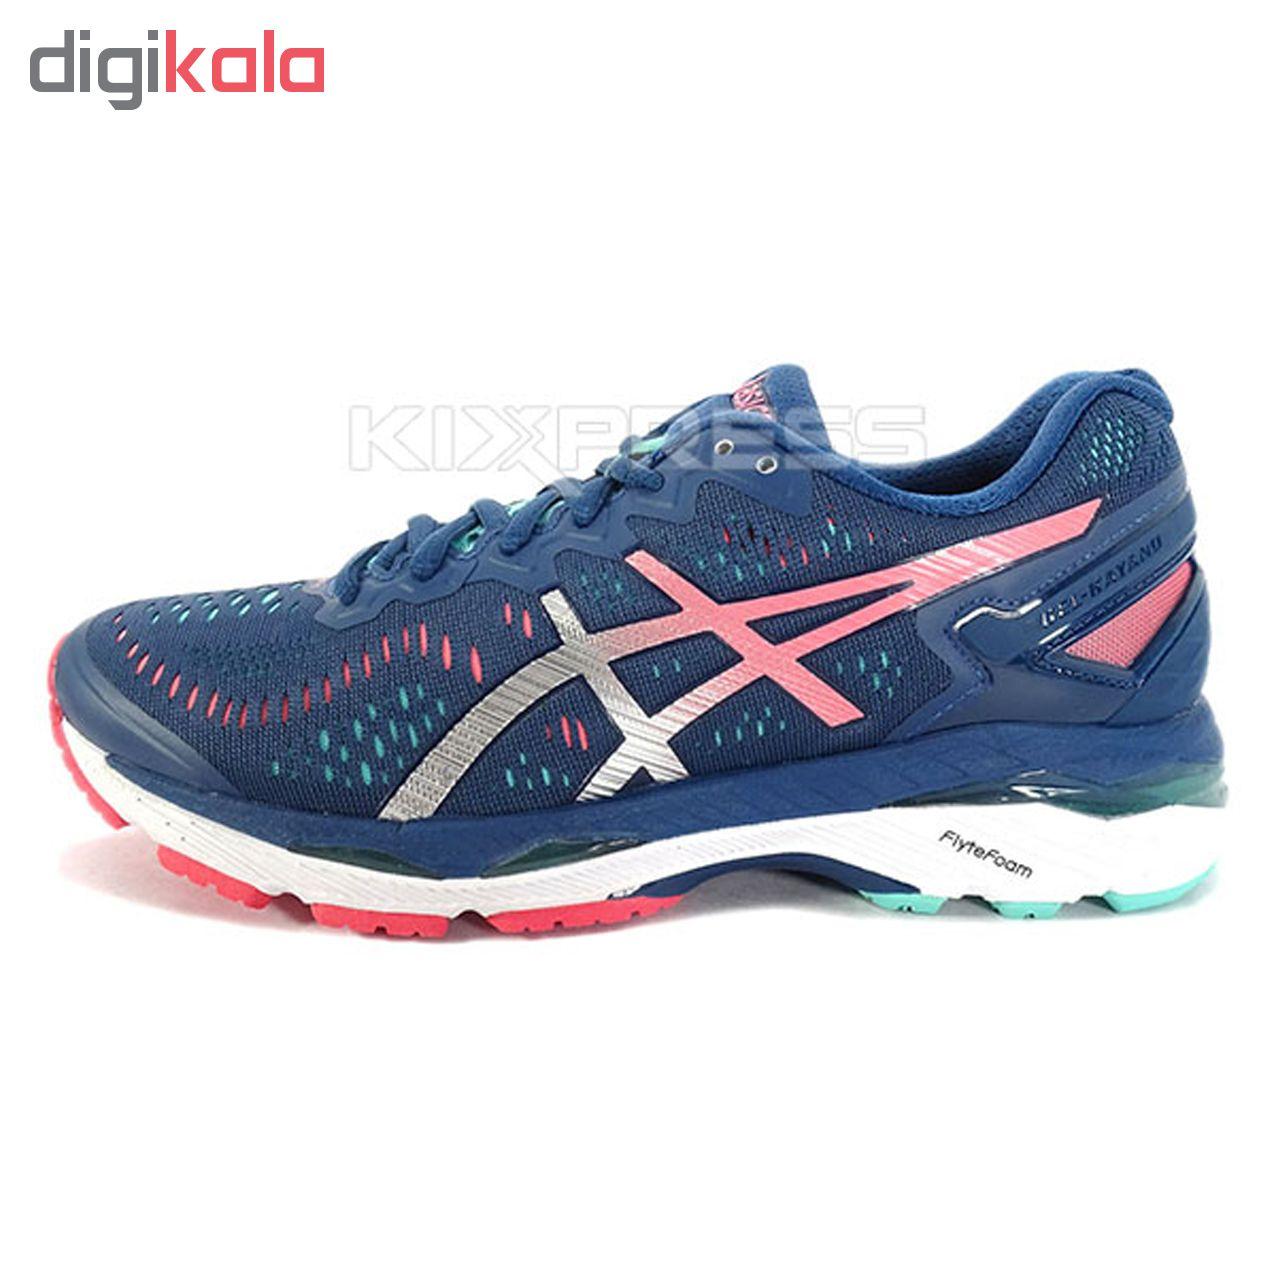 کفش ورزشی مخصوص دویدن و پیاده روی زنانه مدل gel kayano کد T696N